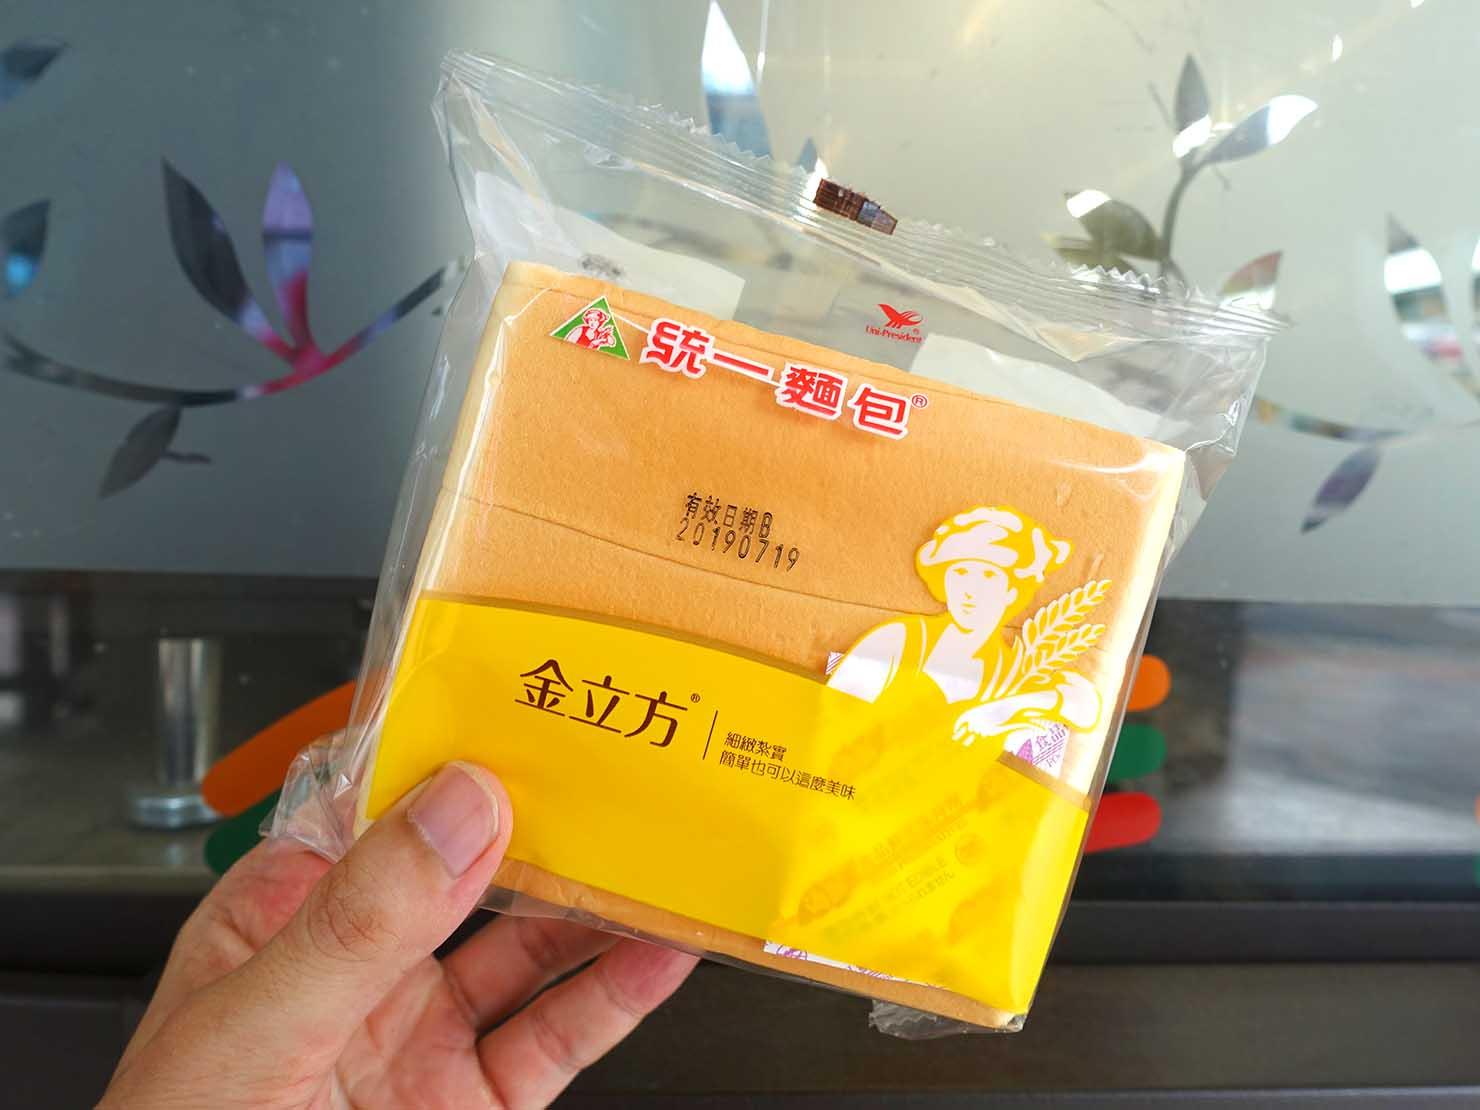 台湾のコンビニでよく食べているおやつ「金立方」